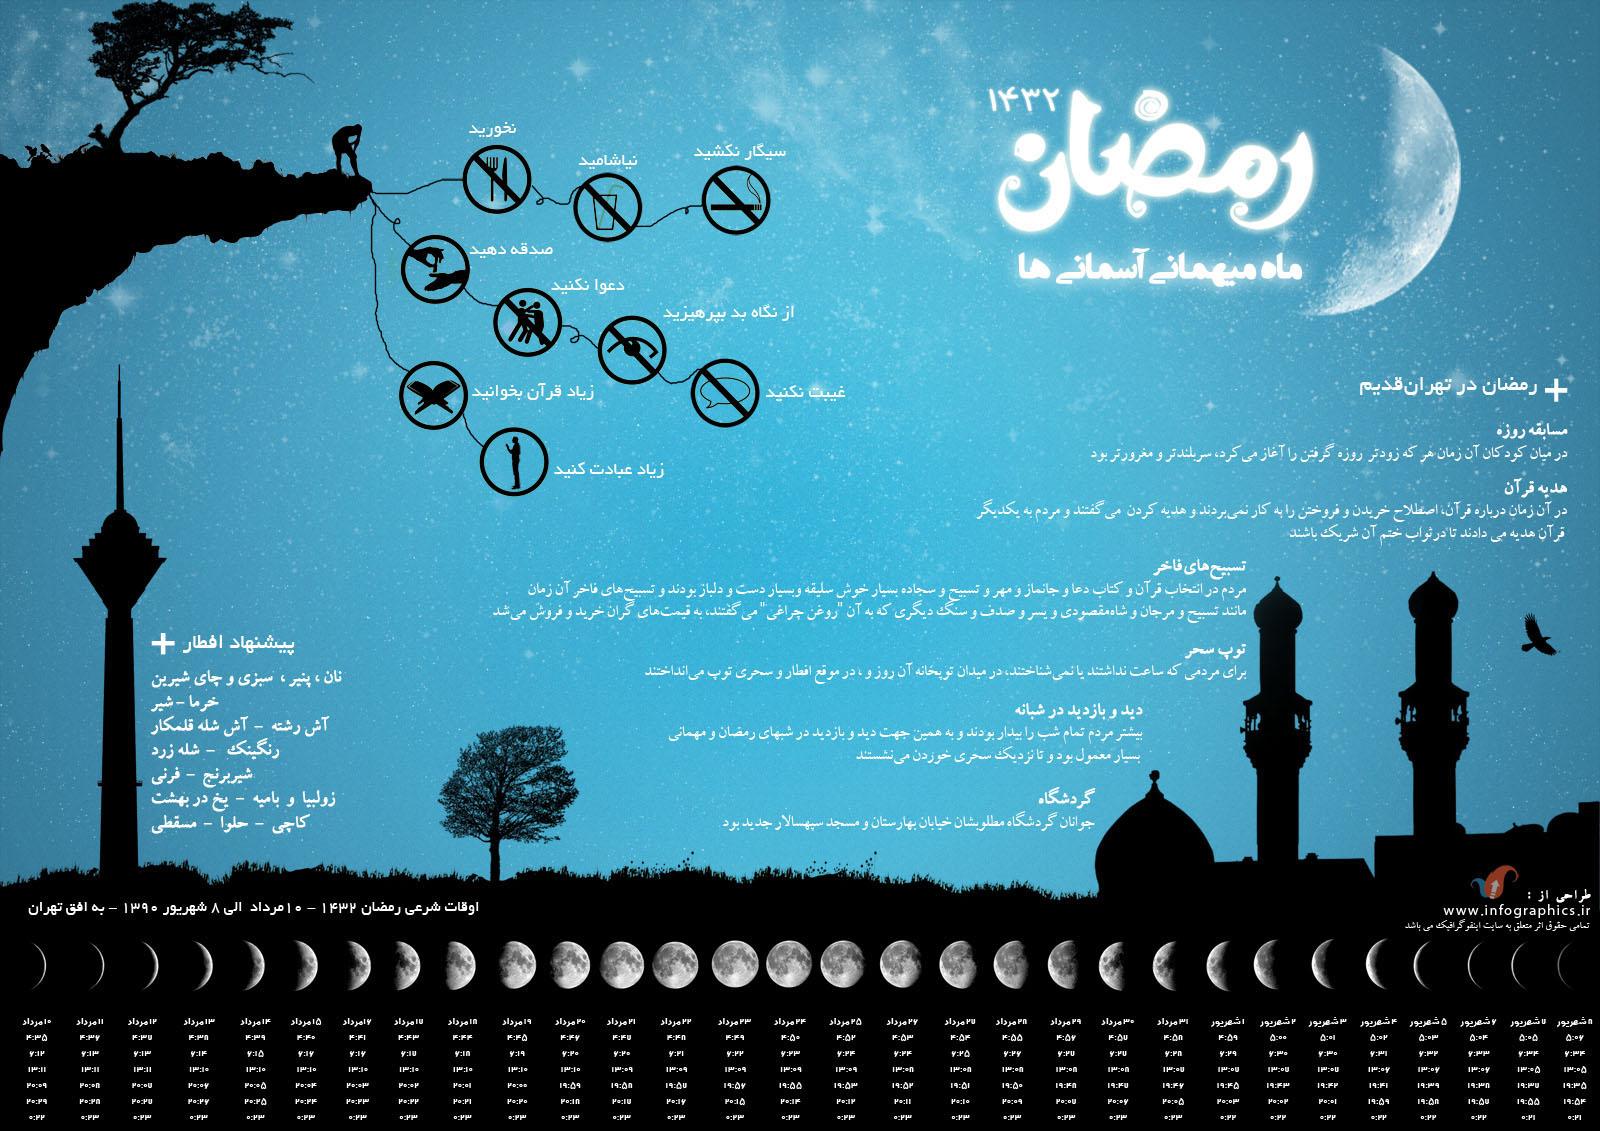 ۱۳۱۲۶۱۲۶۲۹_ramadan_lwww-infographics-ir_